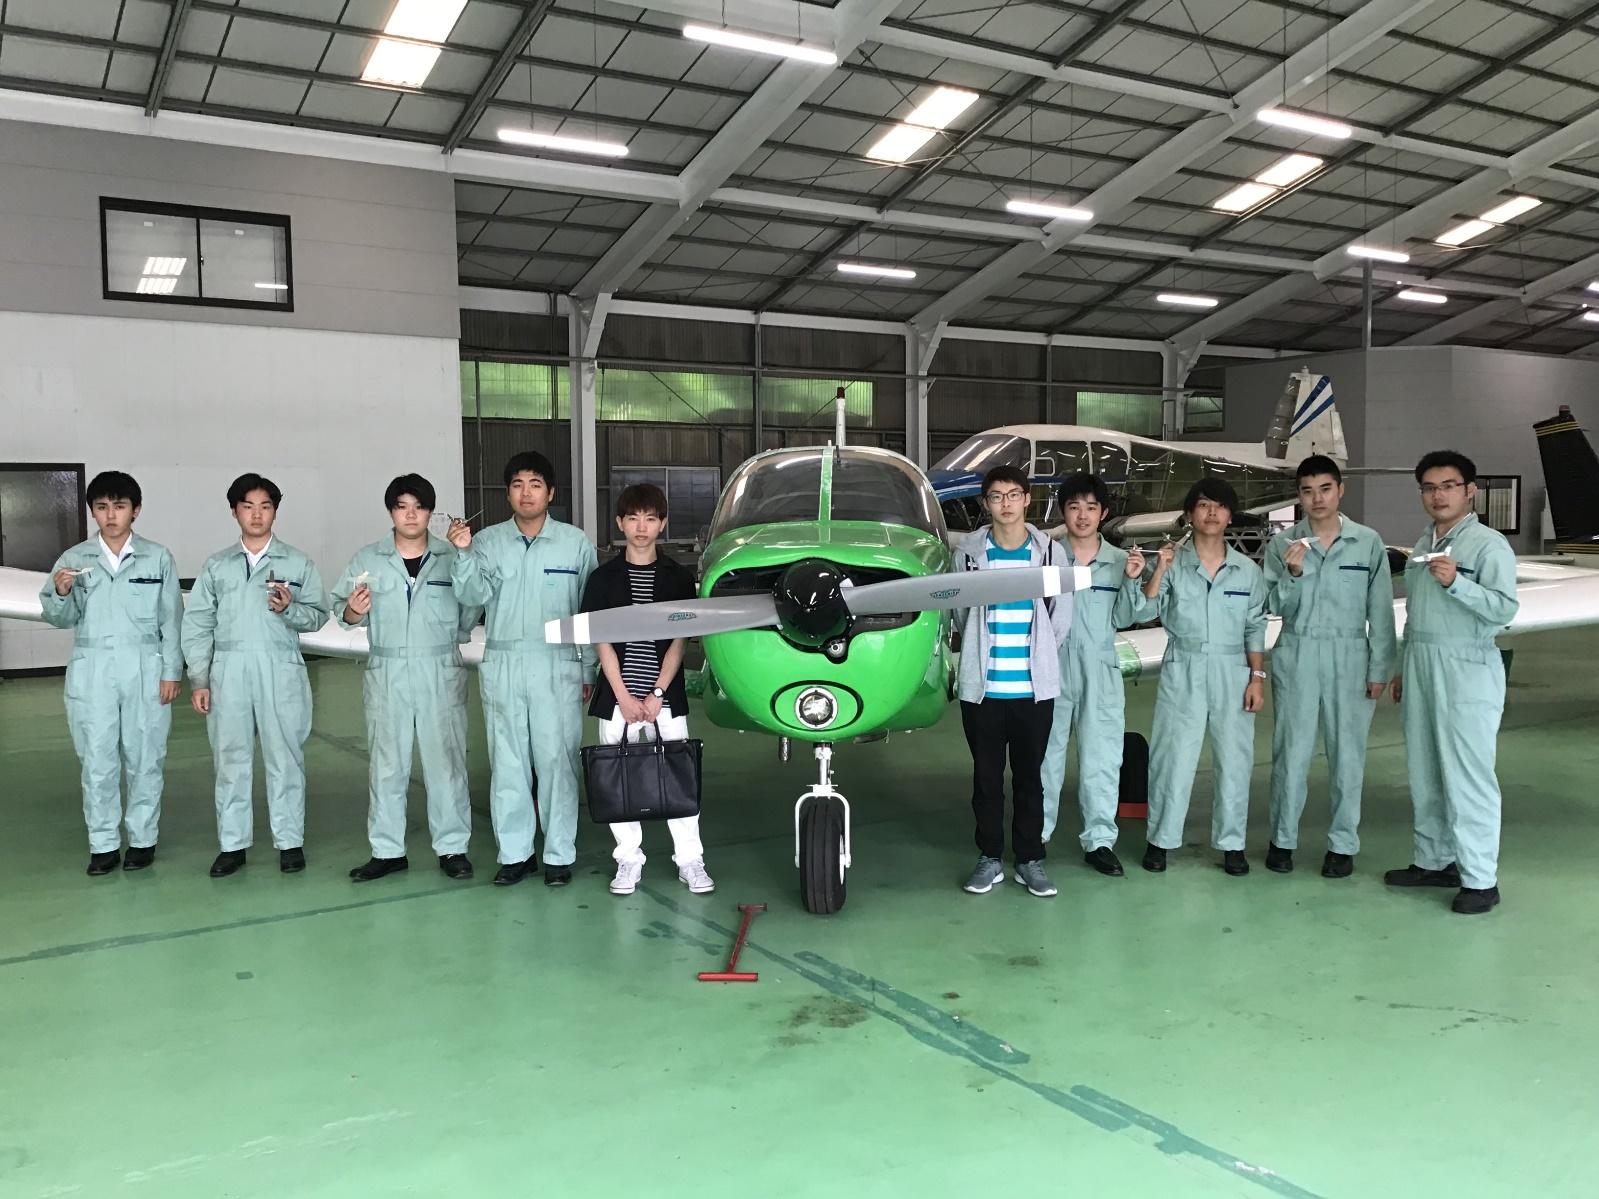 今年4月に航空整備工学専攻に入学した先輩2名を囲んで、作品を手に記念のワン・ショット!